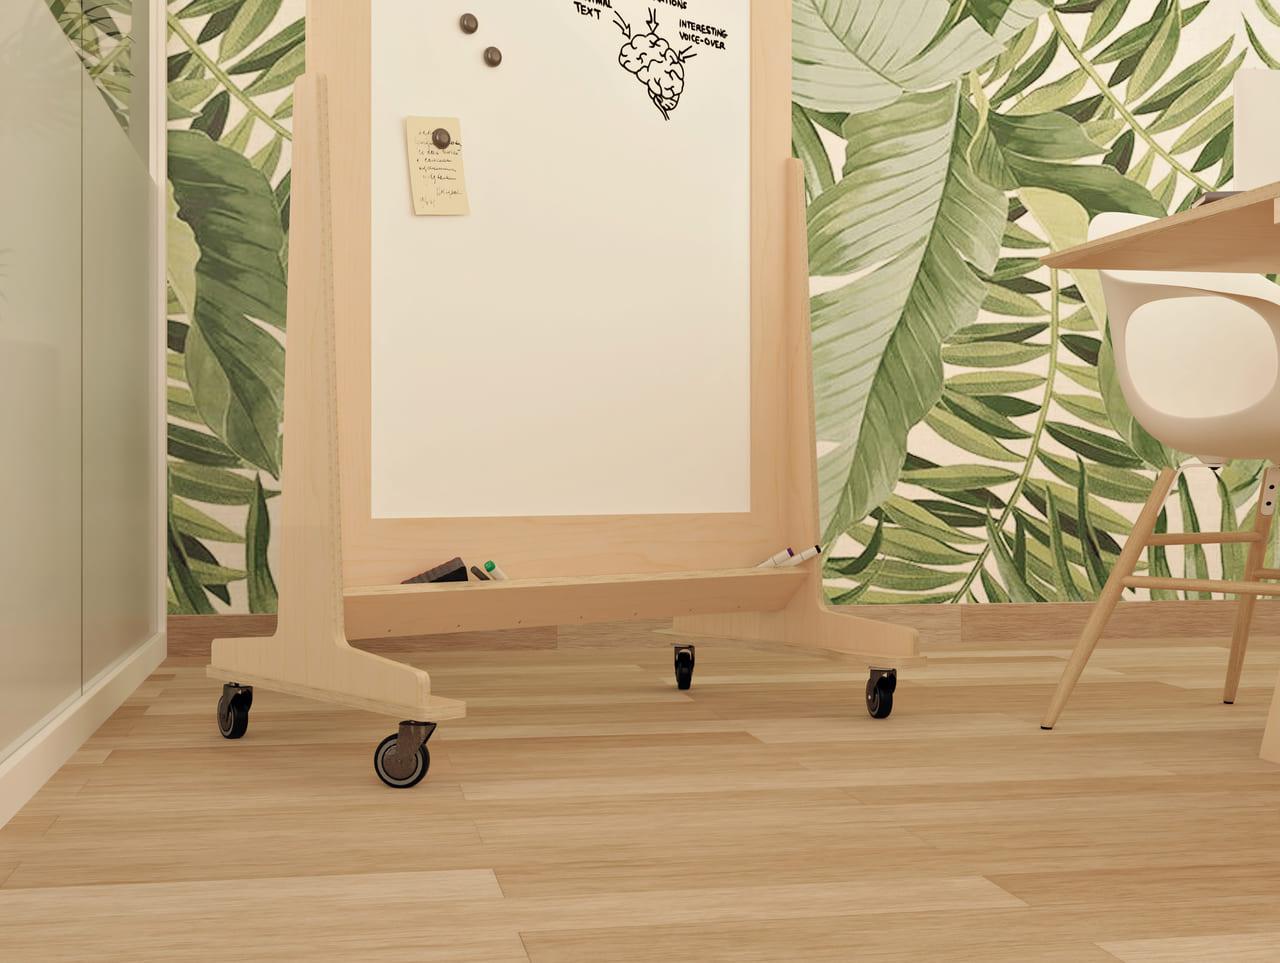 Tableau blanc sur roulettes avec cadre en bois et effaçable dans une salle de réunion au style scandinave avec un mur de papier peint motif feuilles d'arbre, une table de réunion et une paroi séparatrice en verre